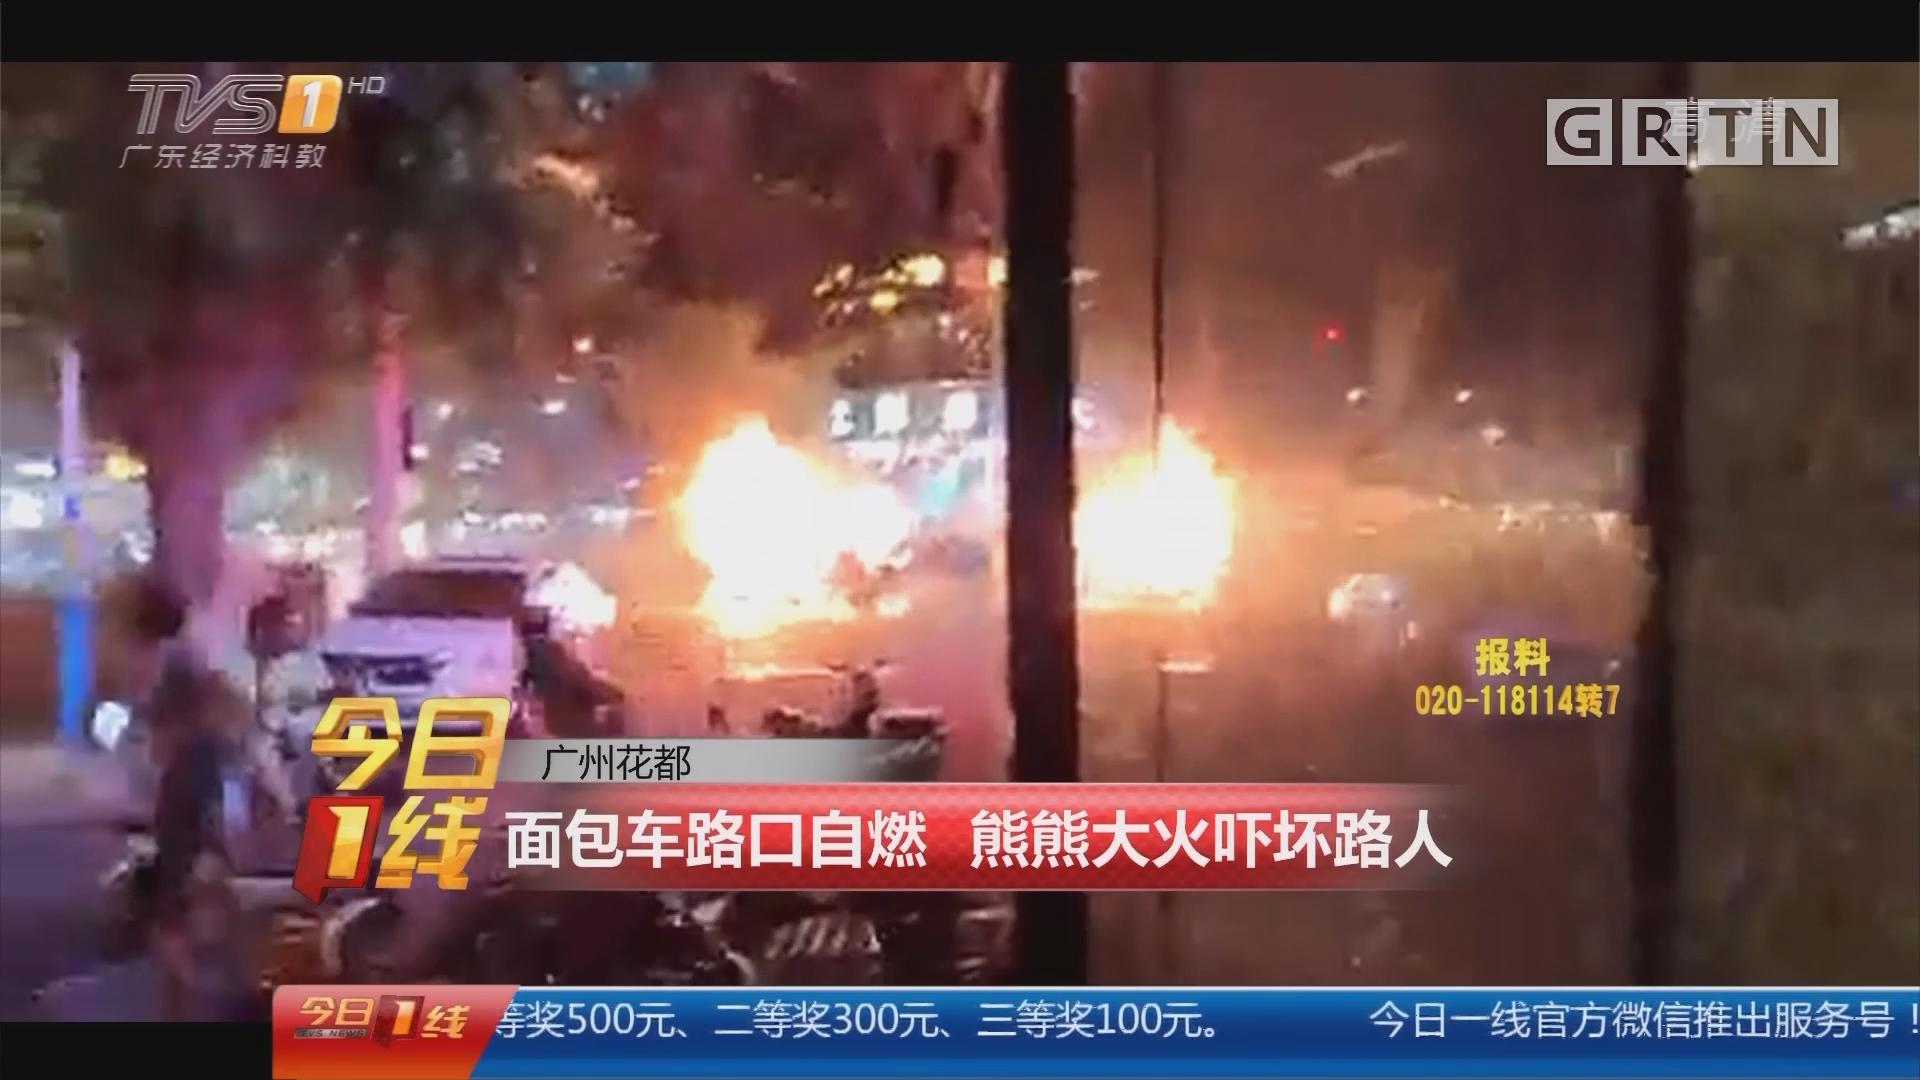 广州花都:面包车路口自燃 熊熊大火吓坏路人